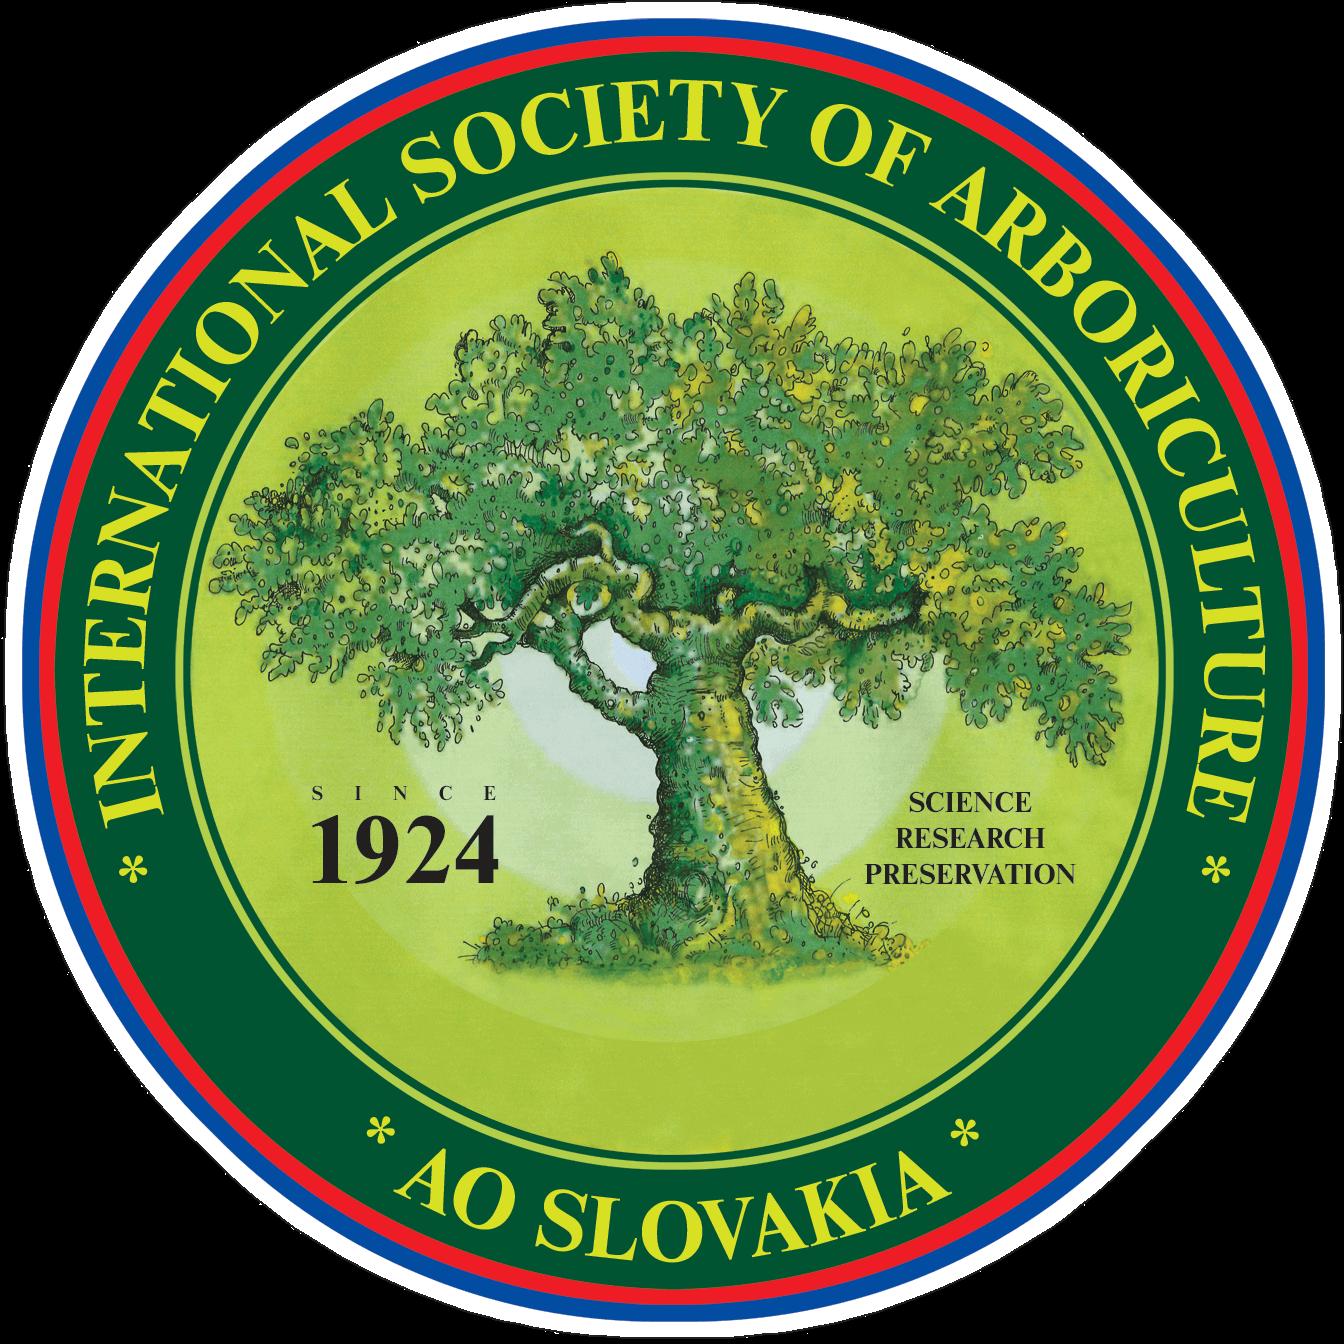 ISA SLOVENSKO